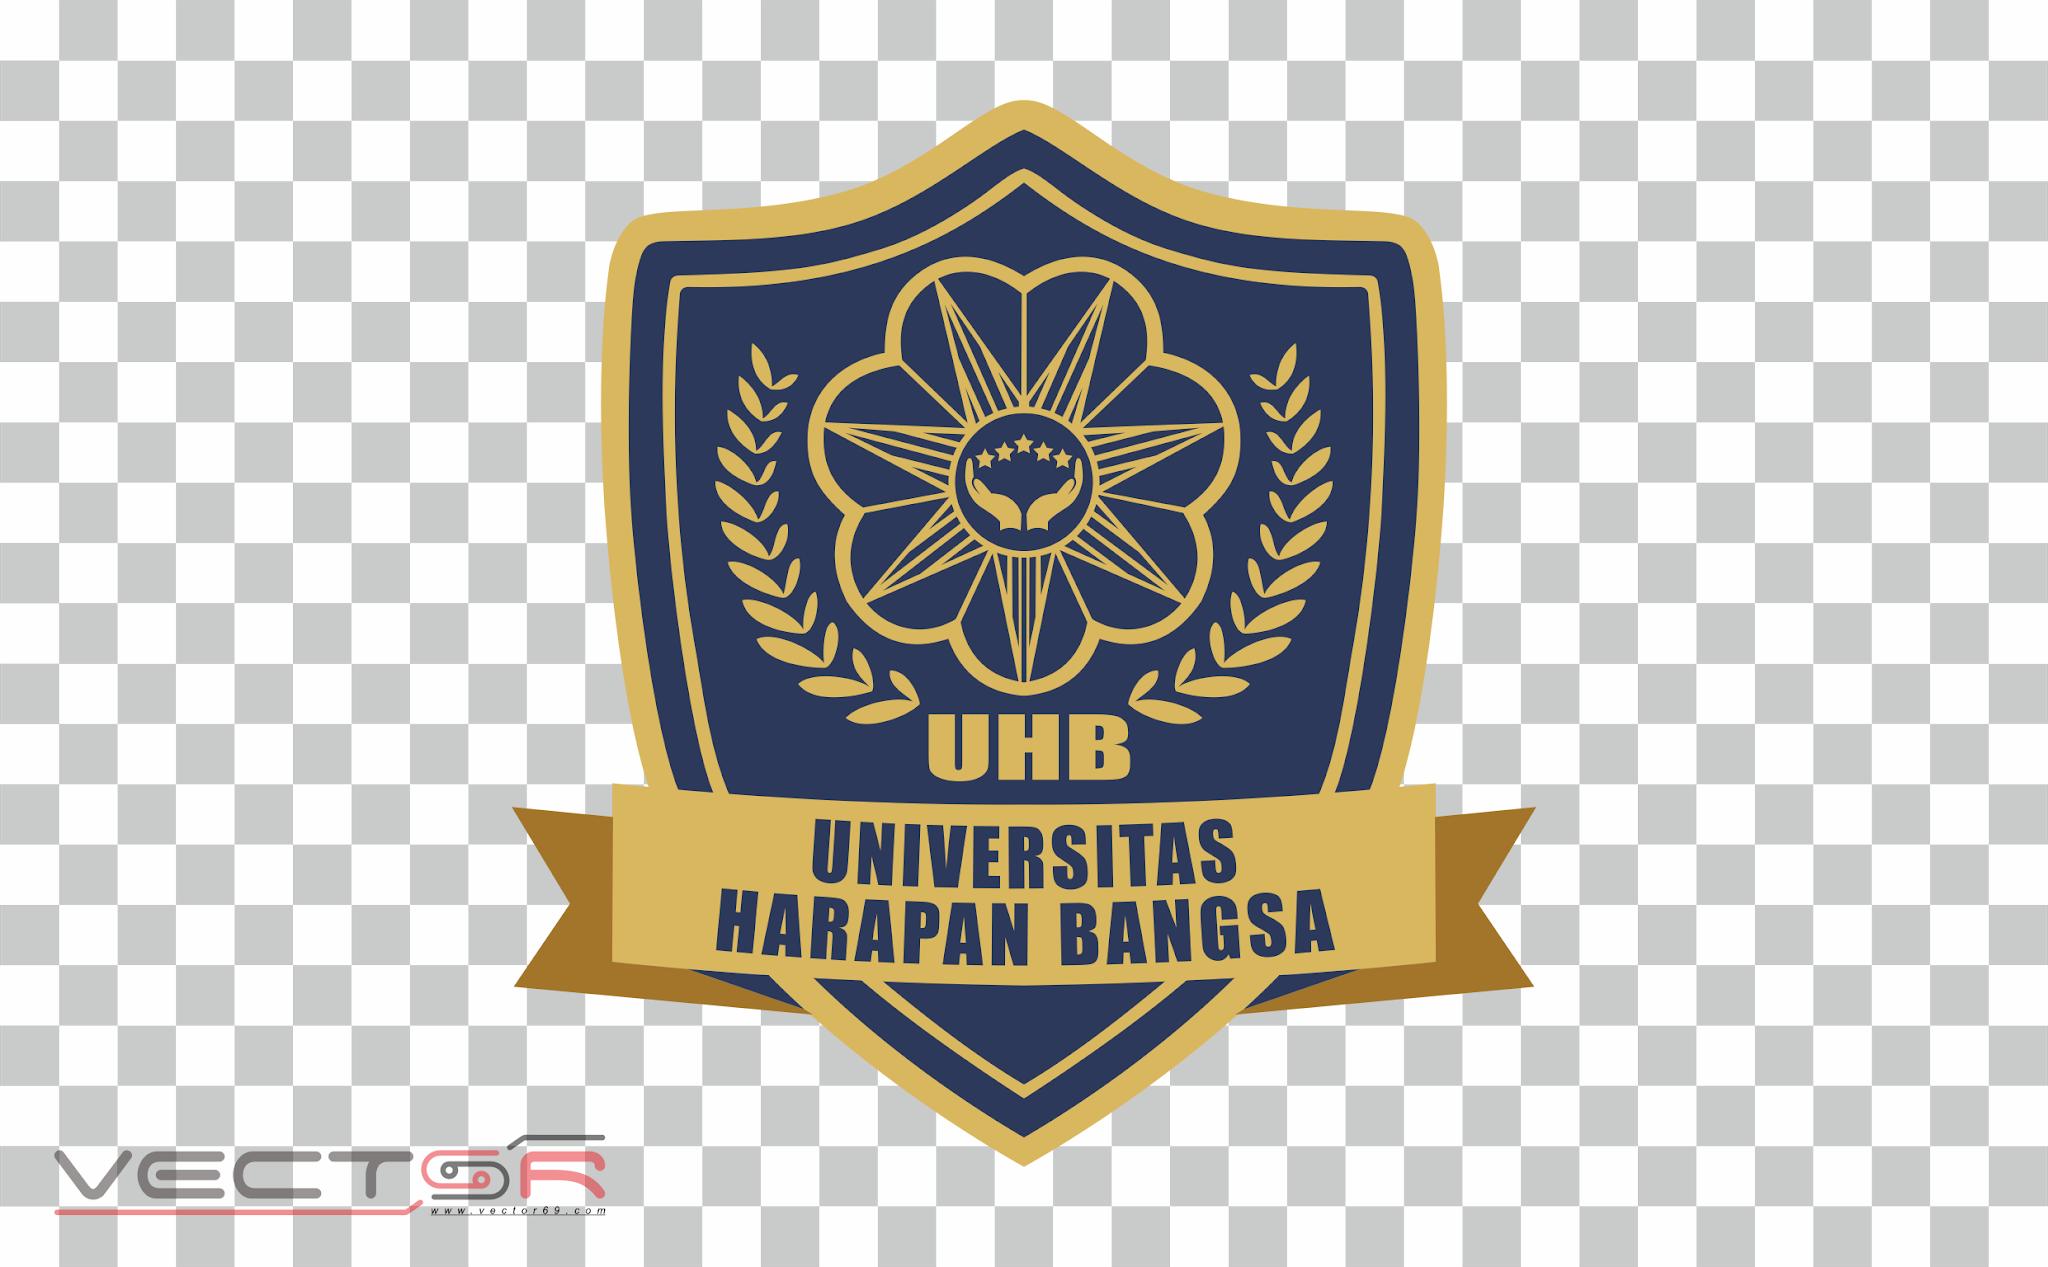 UHB (Universitas Harapan Bangsa)/ Harbang Logo - Download Vector File PNG (Portable Network Graphics)